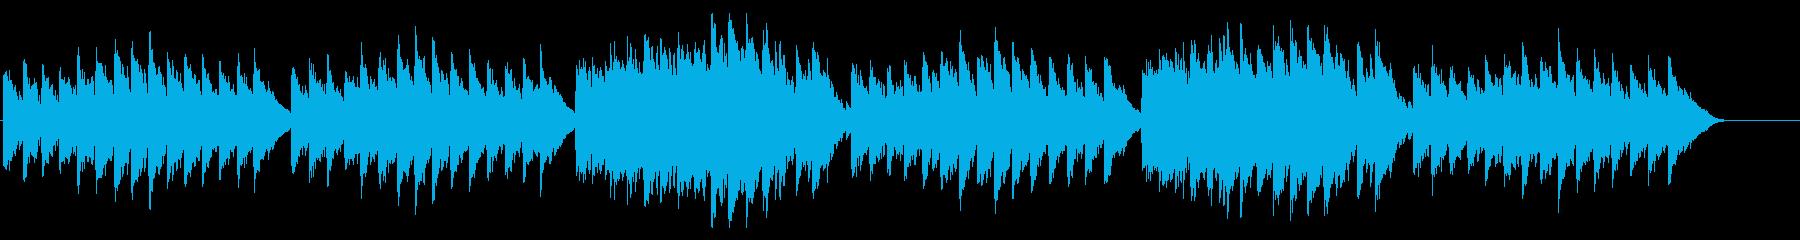 キラキラ星変奏曲(Var Ⅵ)オルゴールの再生済みの波形